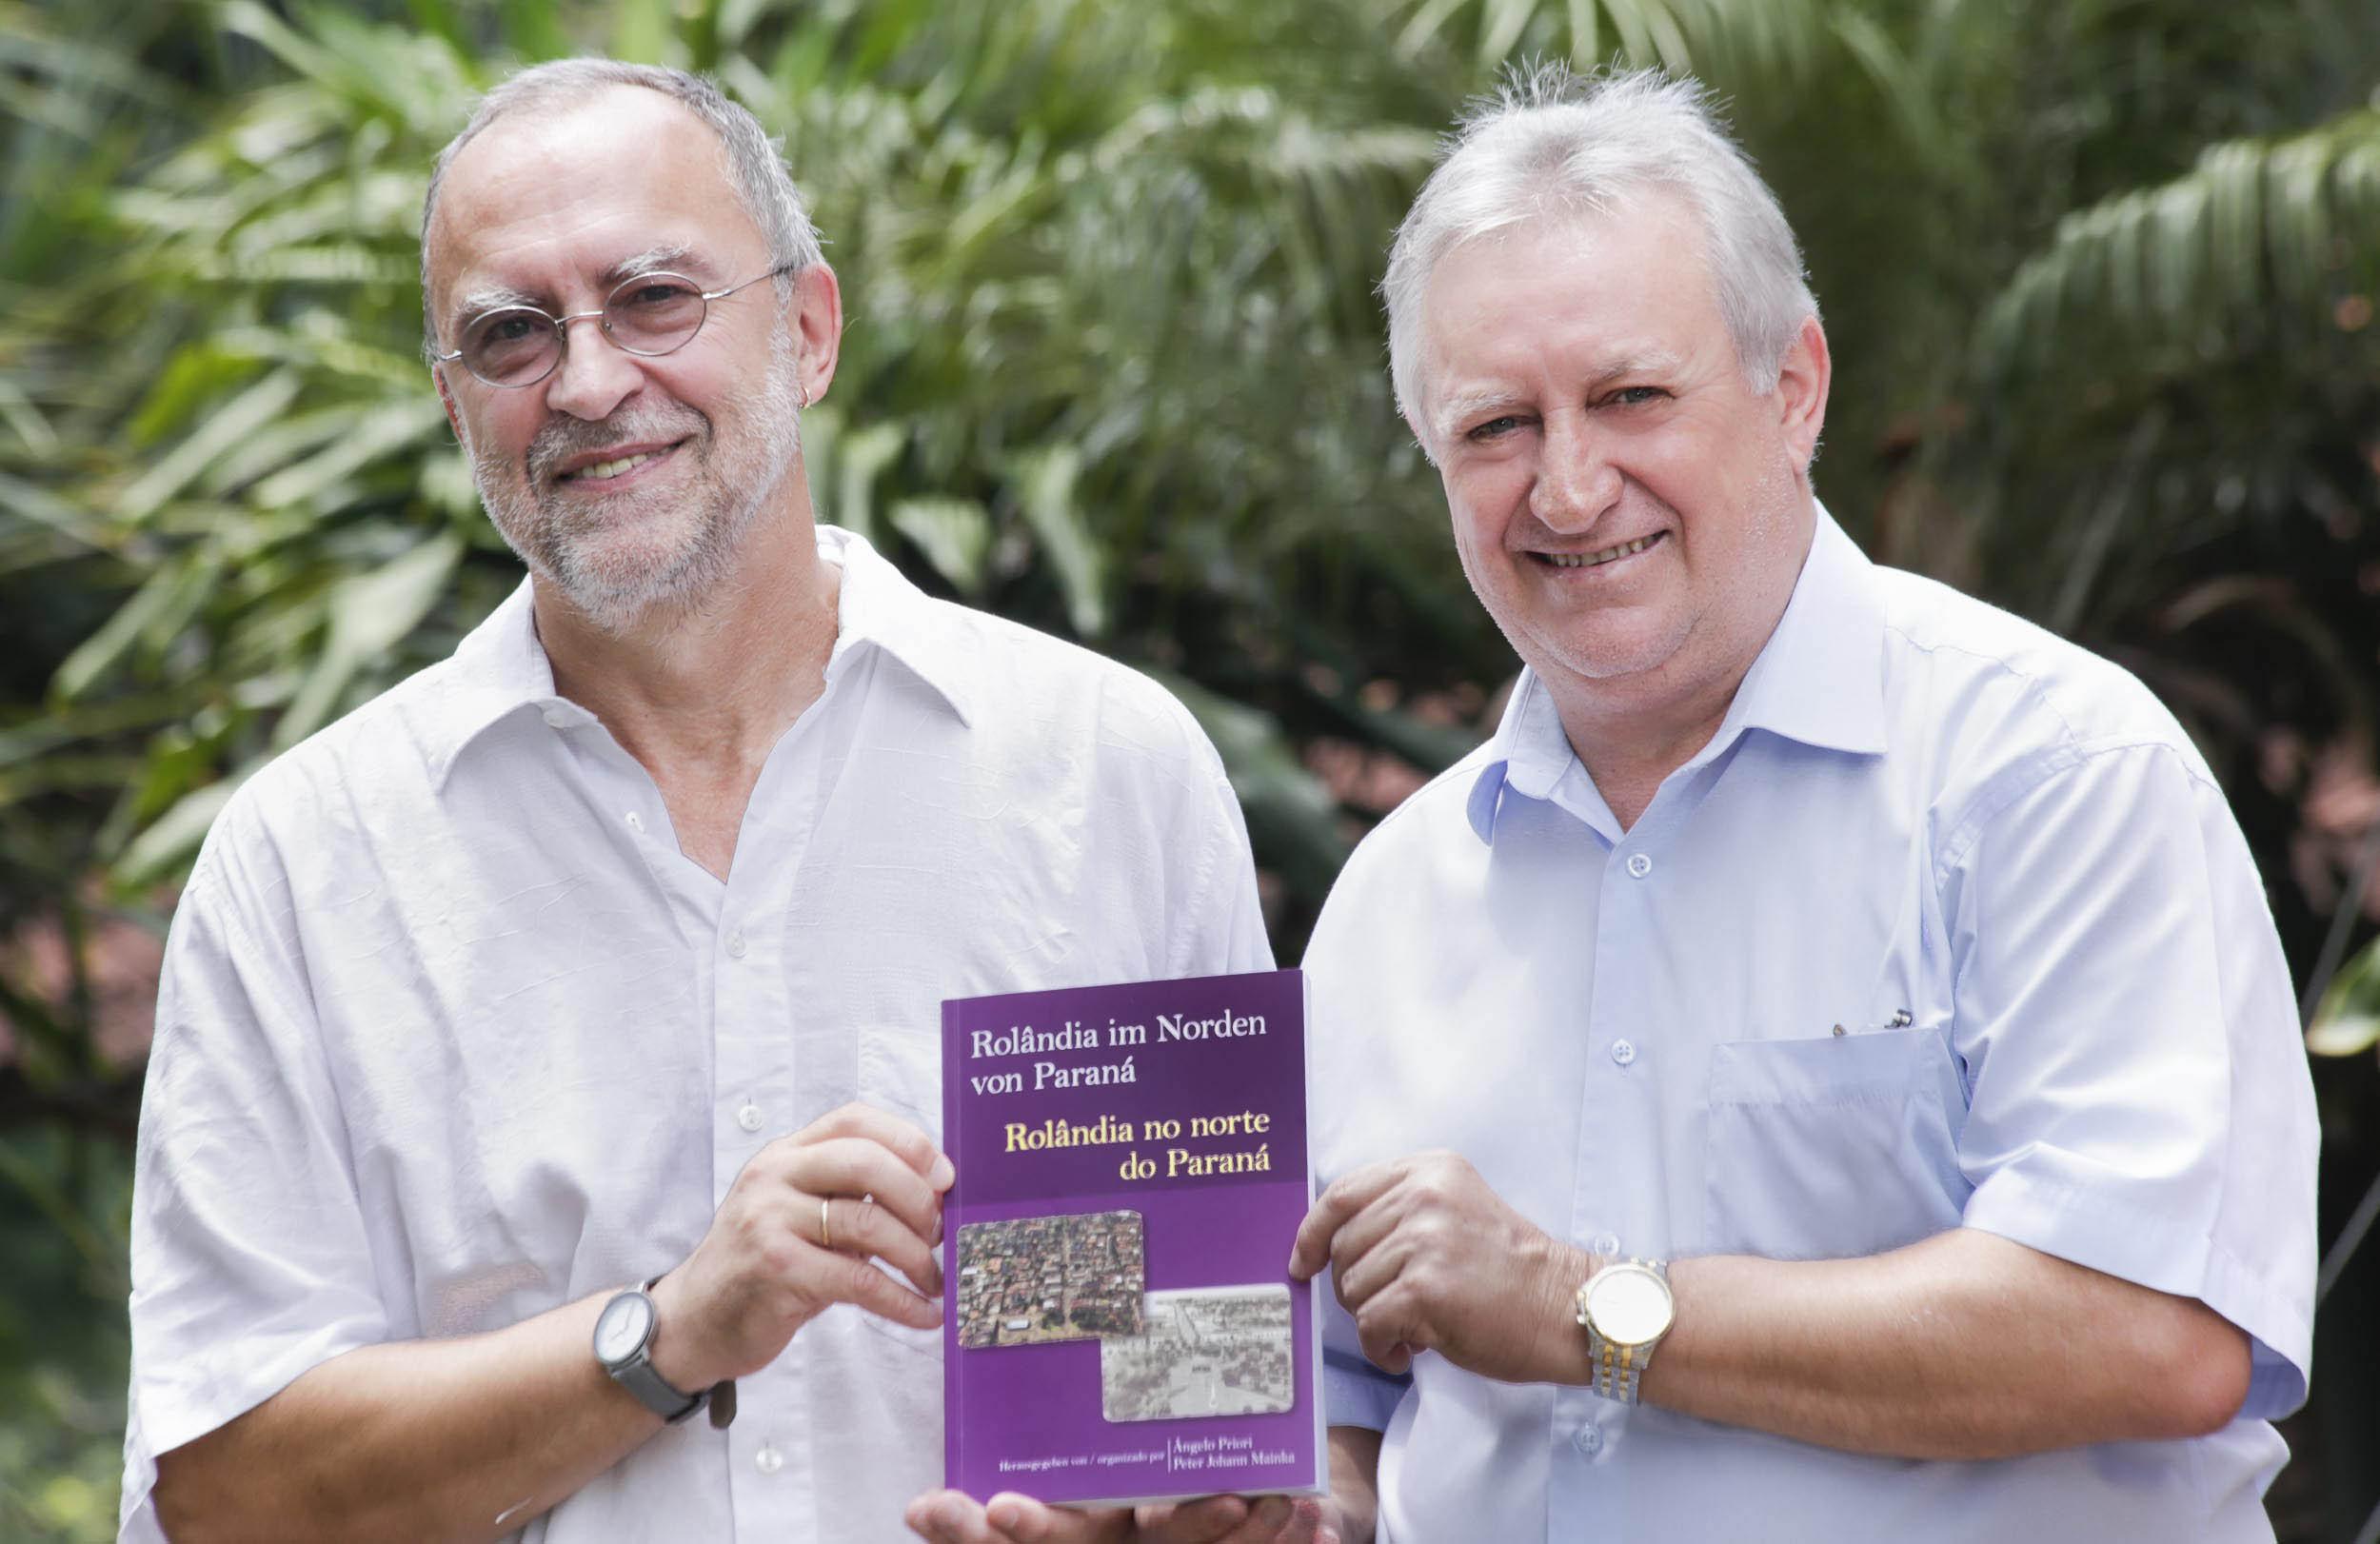 Município do Norte do Paraná é tema de livro